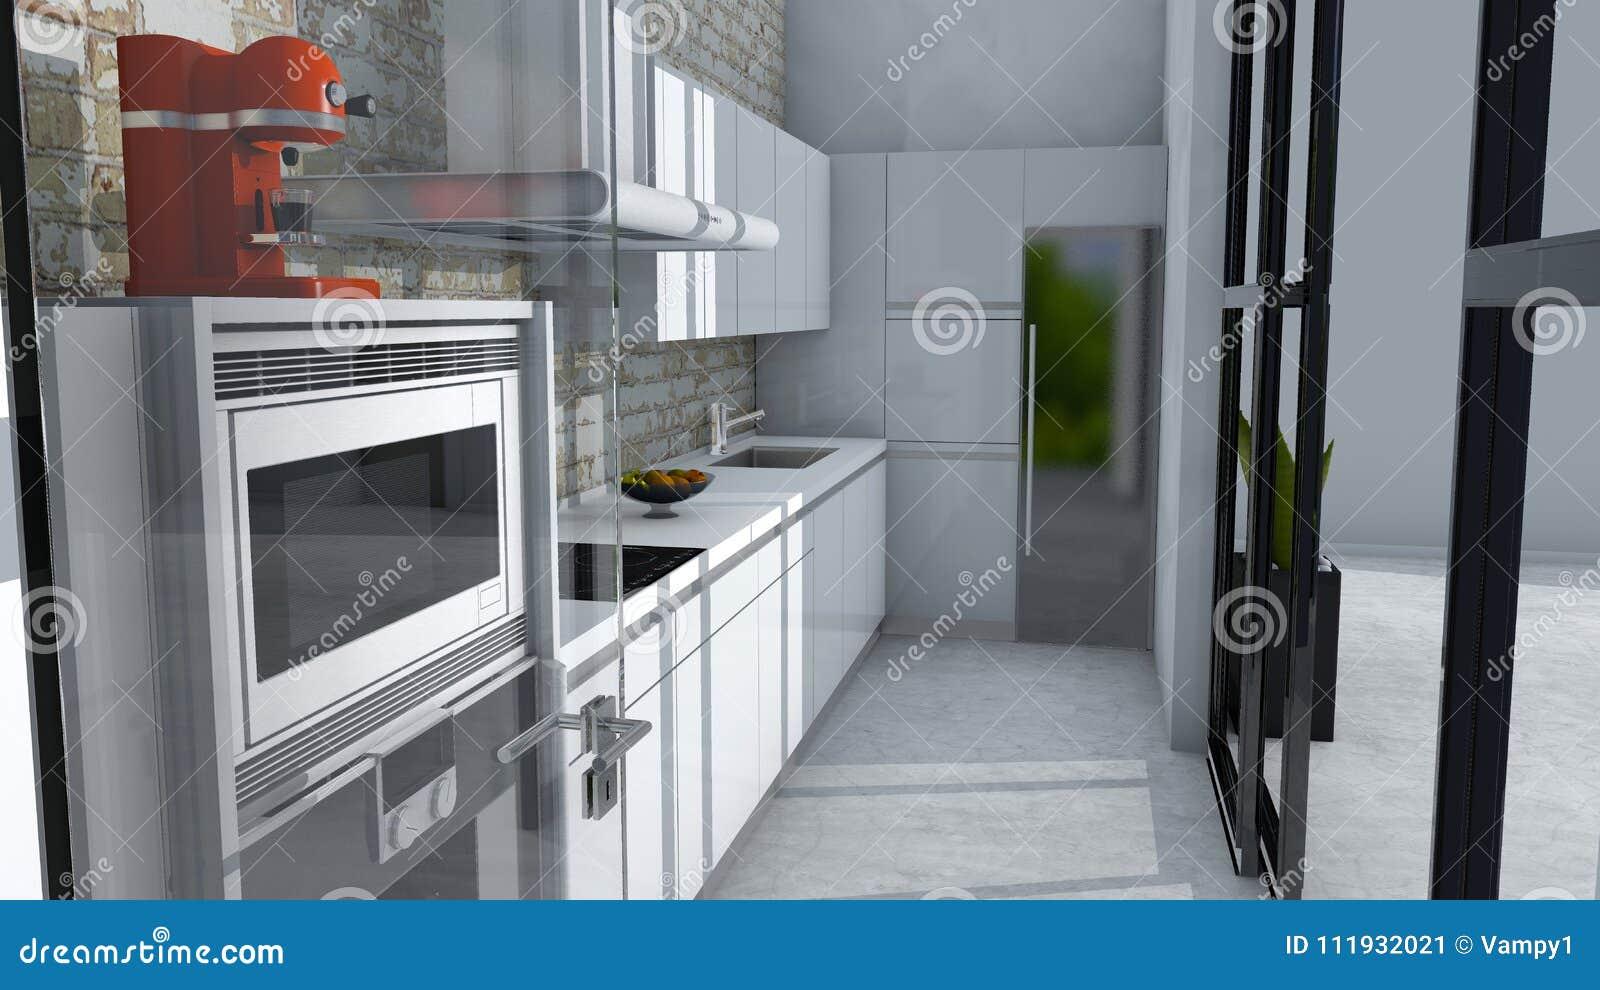 Muebles De La Cocina, Diseño Interior, Muebles De La Cocina Muebles ...